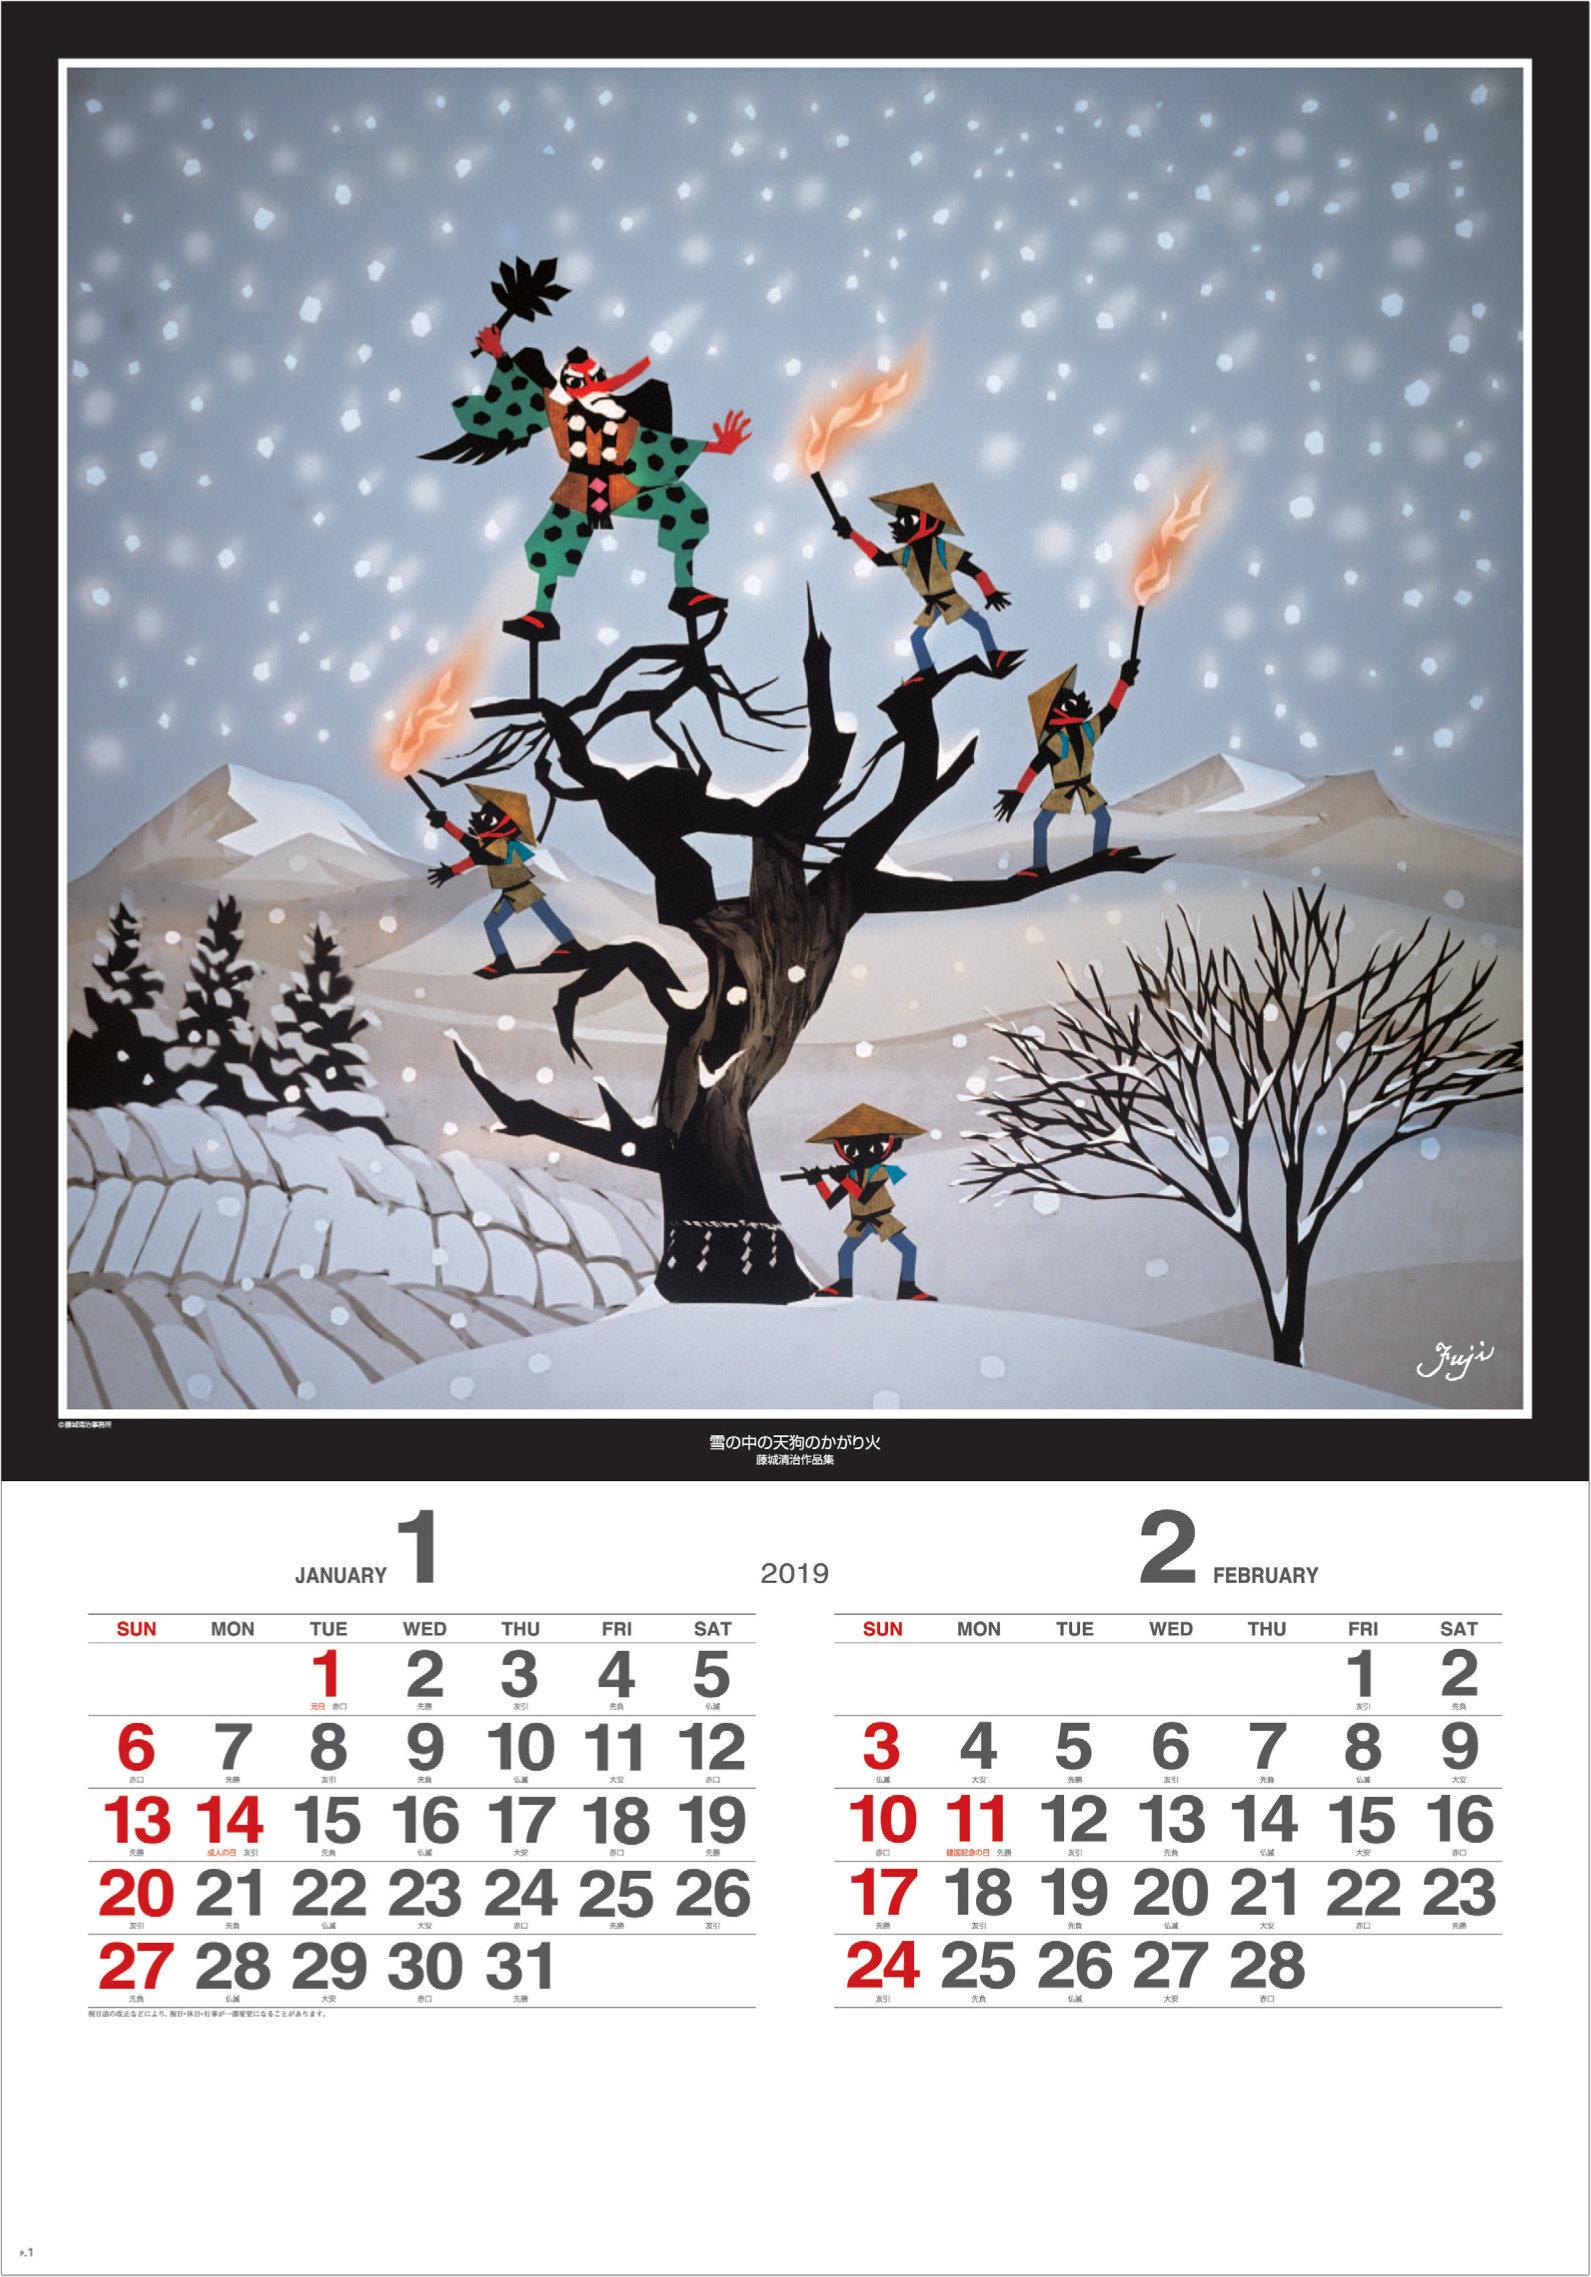 画像:藤城清治 作品「雪の中の天狗のかがり火」 遠い日の風景から(影絵)  藤城清治 (フィルムカレンダー) 2019年カレンダー